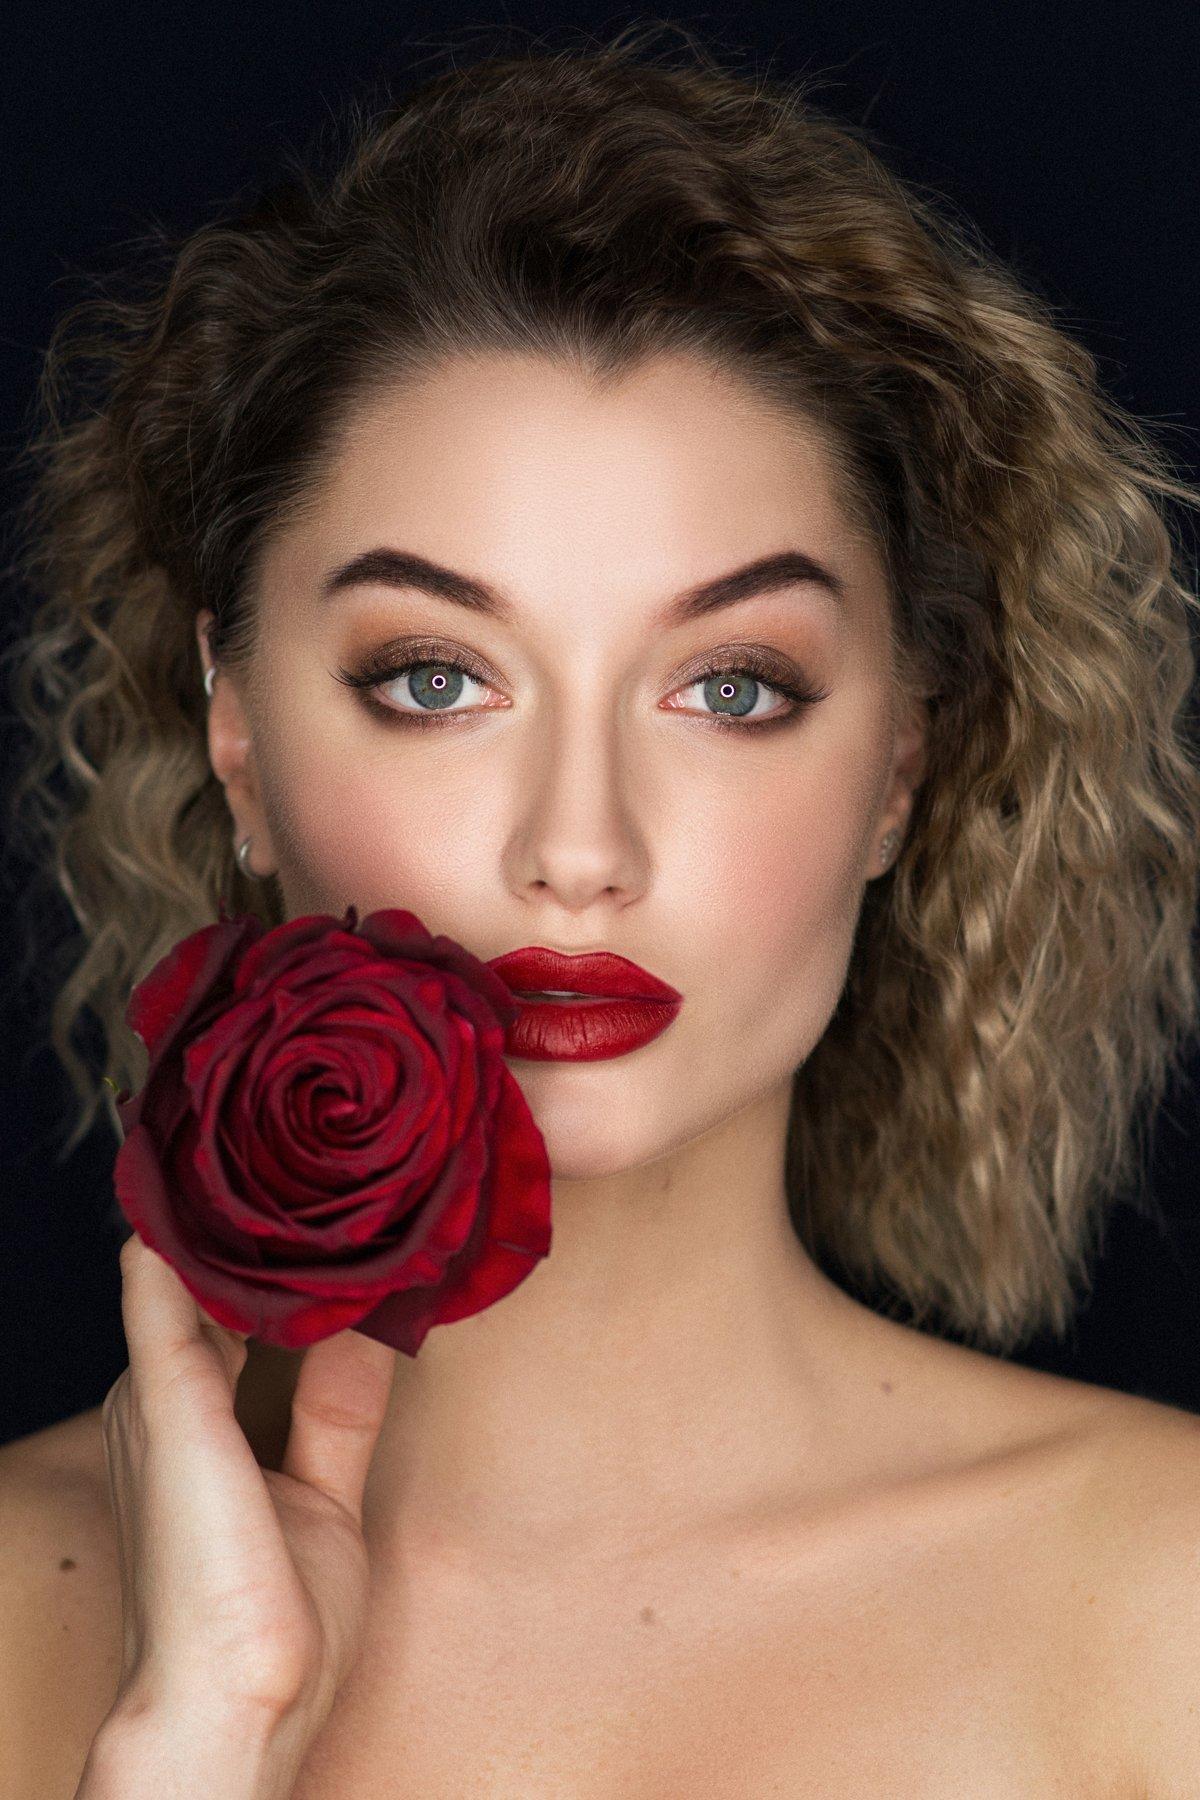 портрет, portrait, девушка, girl, красота, Диана Хилько